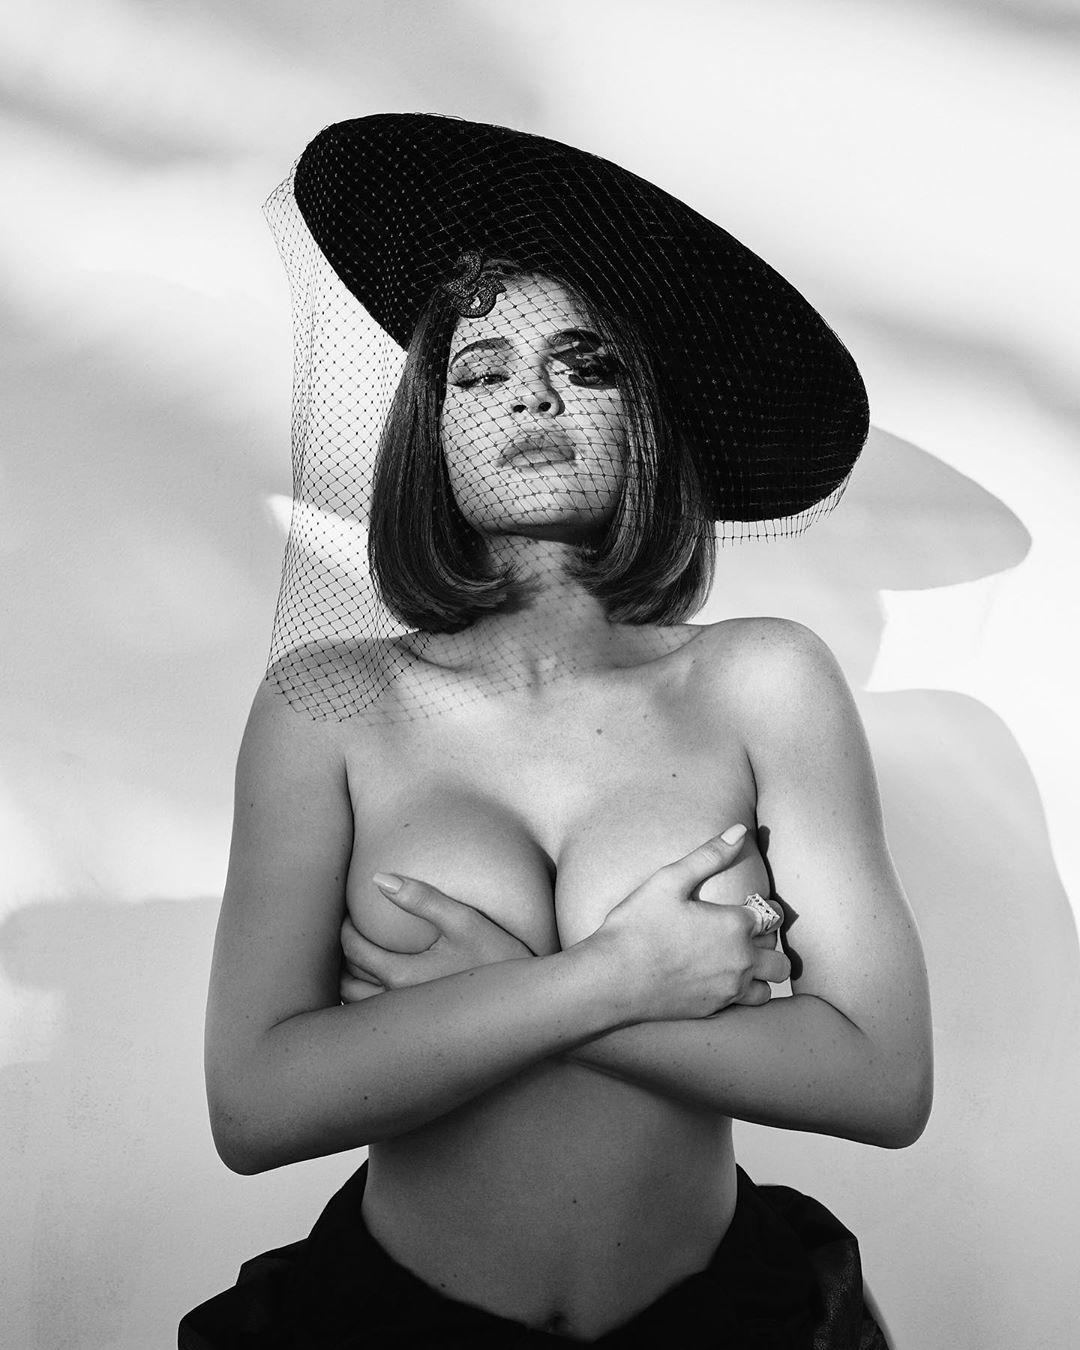 В шляпе и топлес: Кайли Дженнер в пикантном наряде восхитила роскошными формами